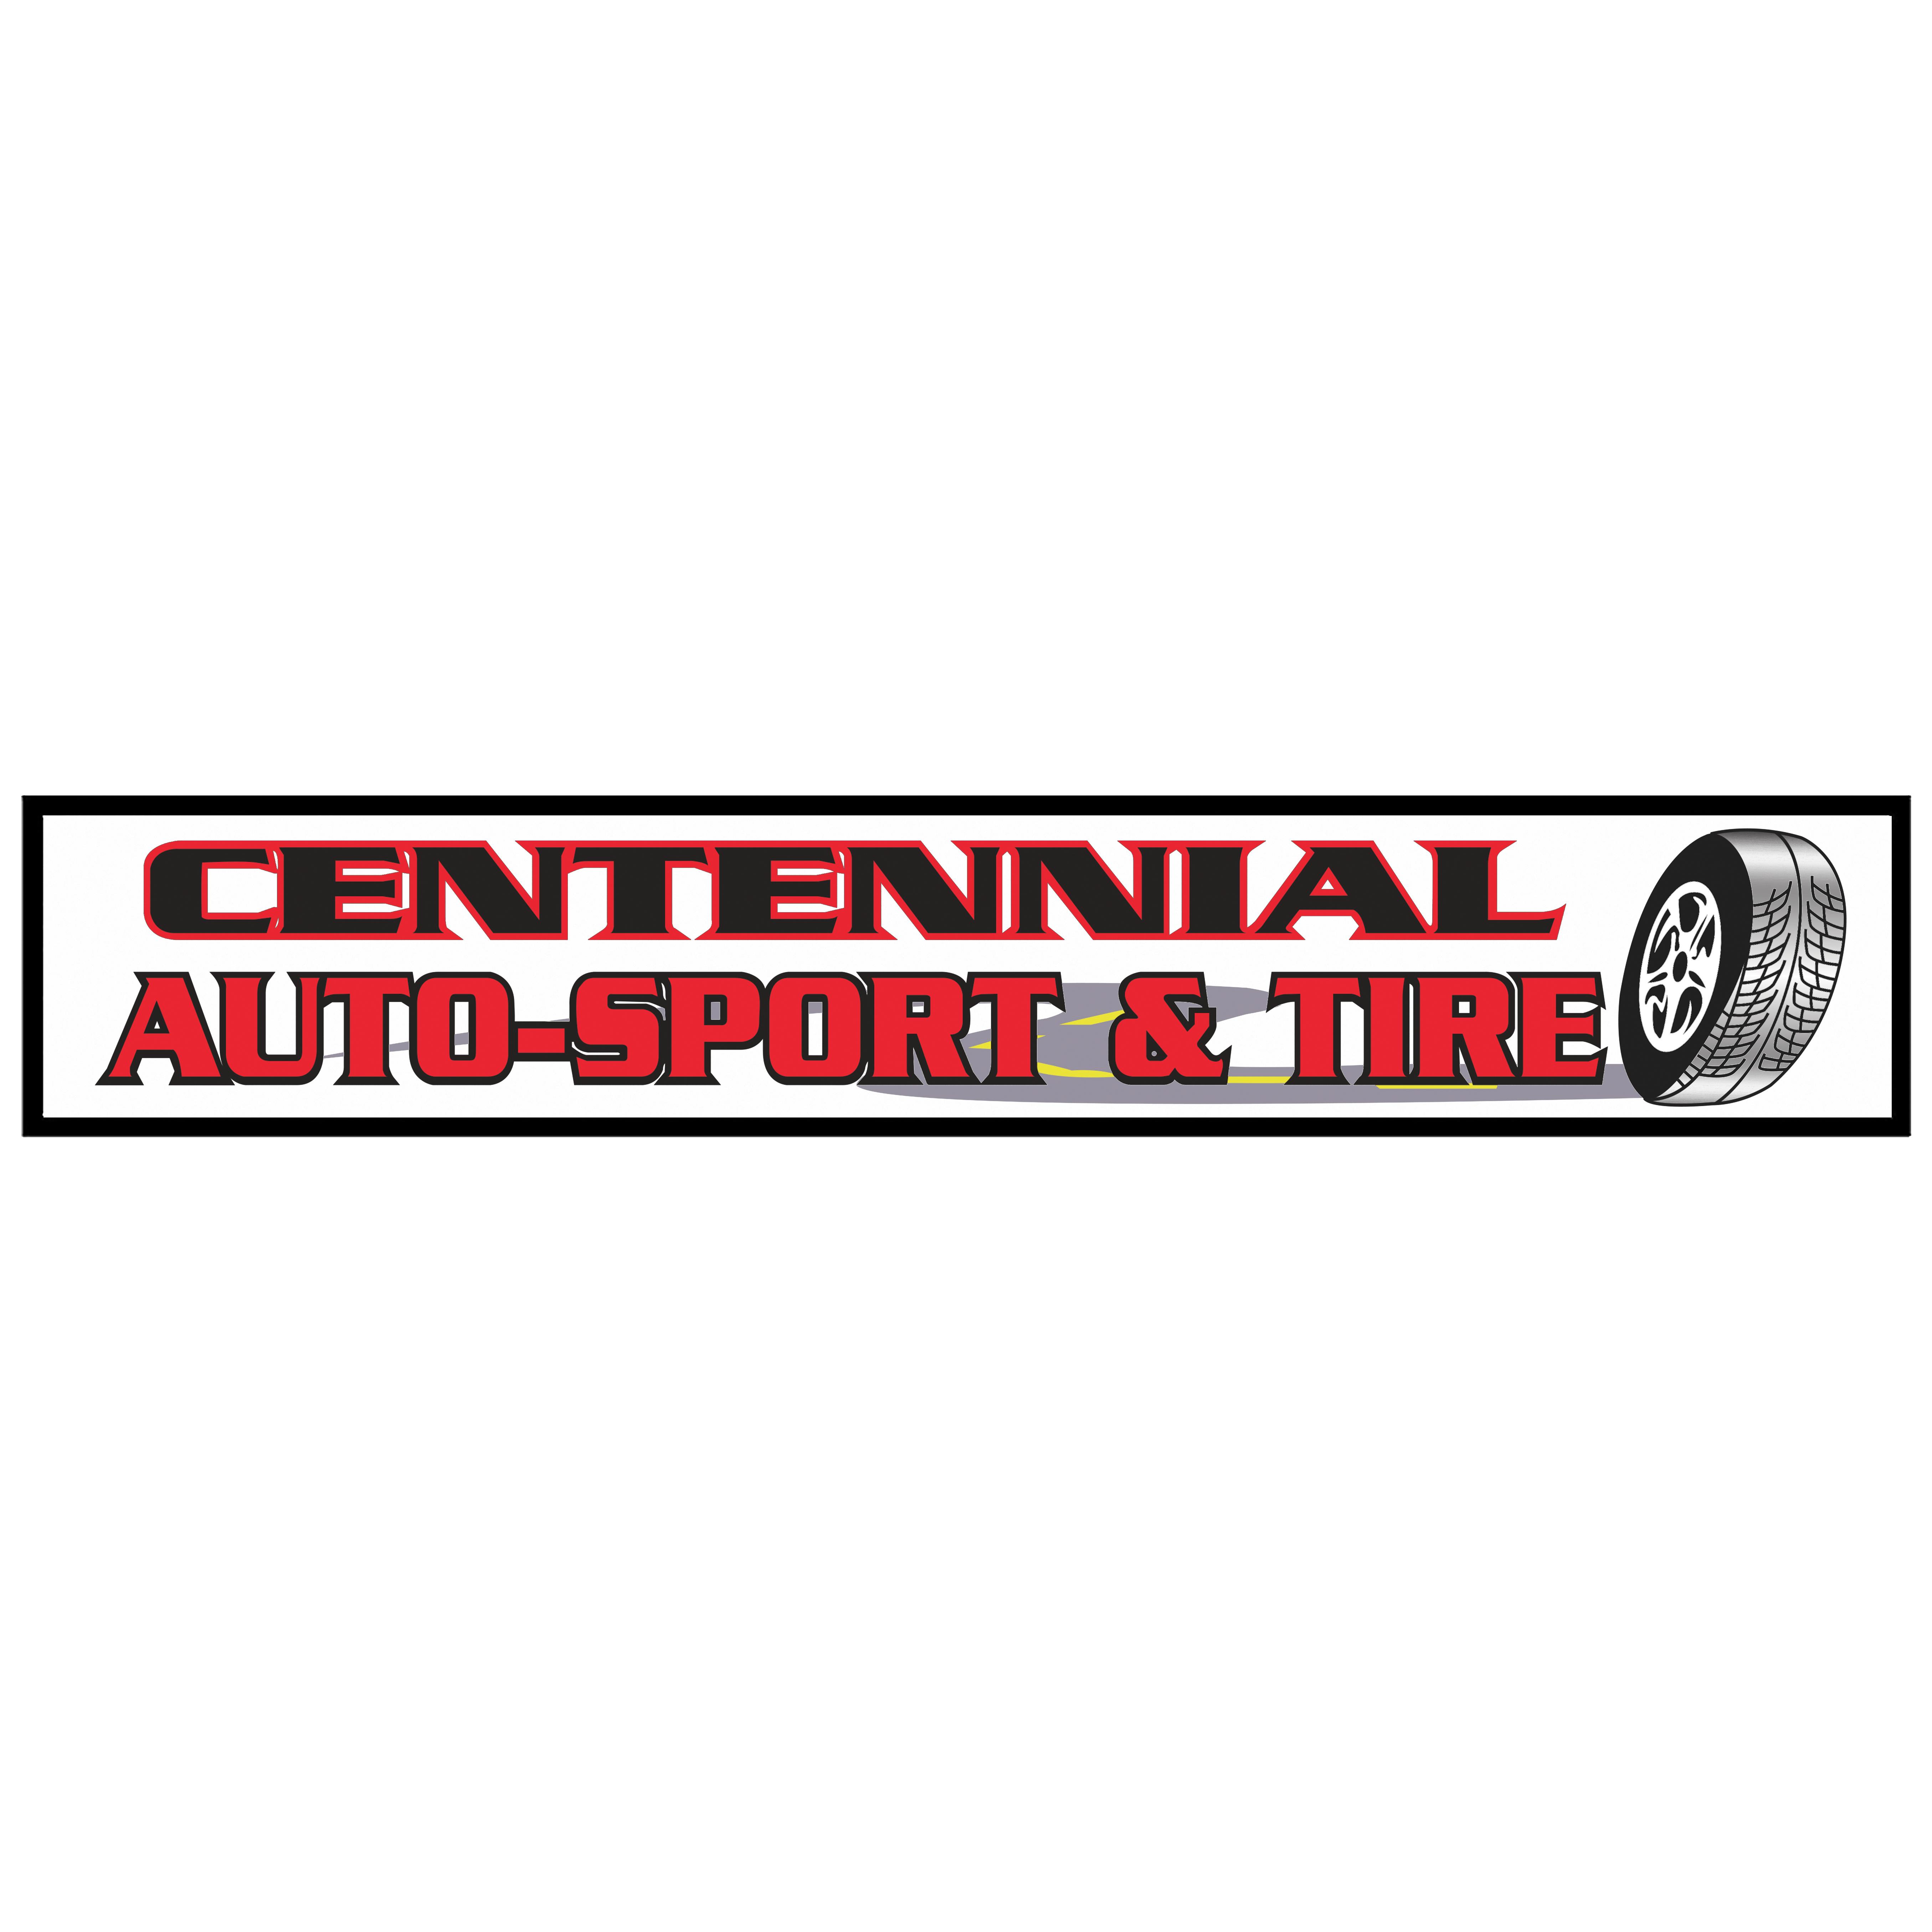 Centennial Auto Sport & Tire